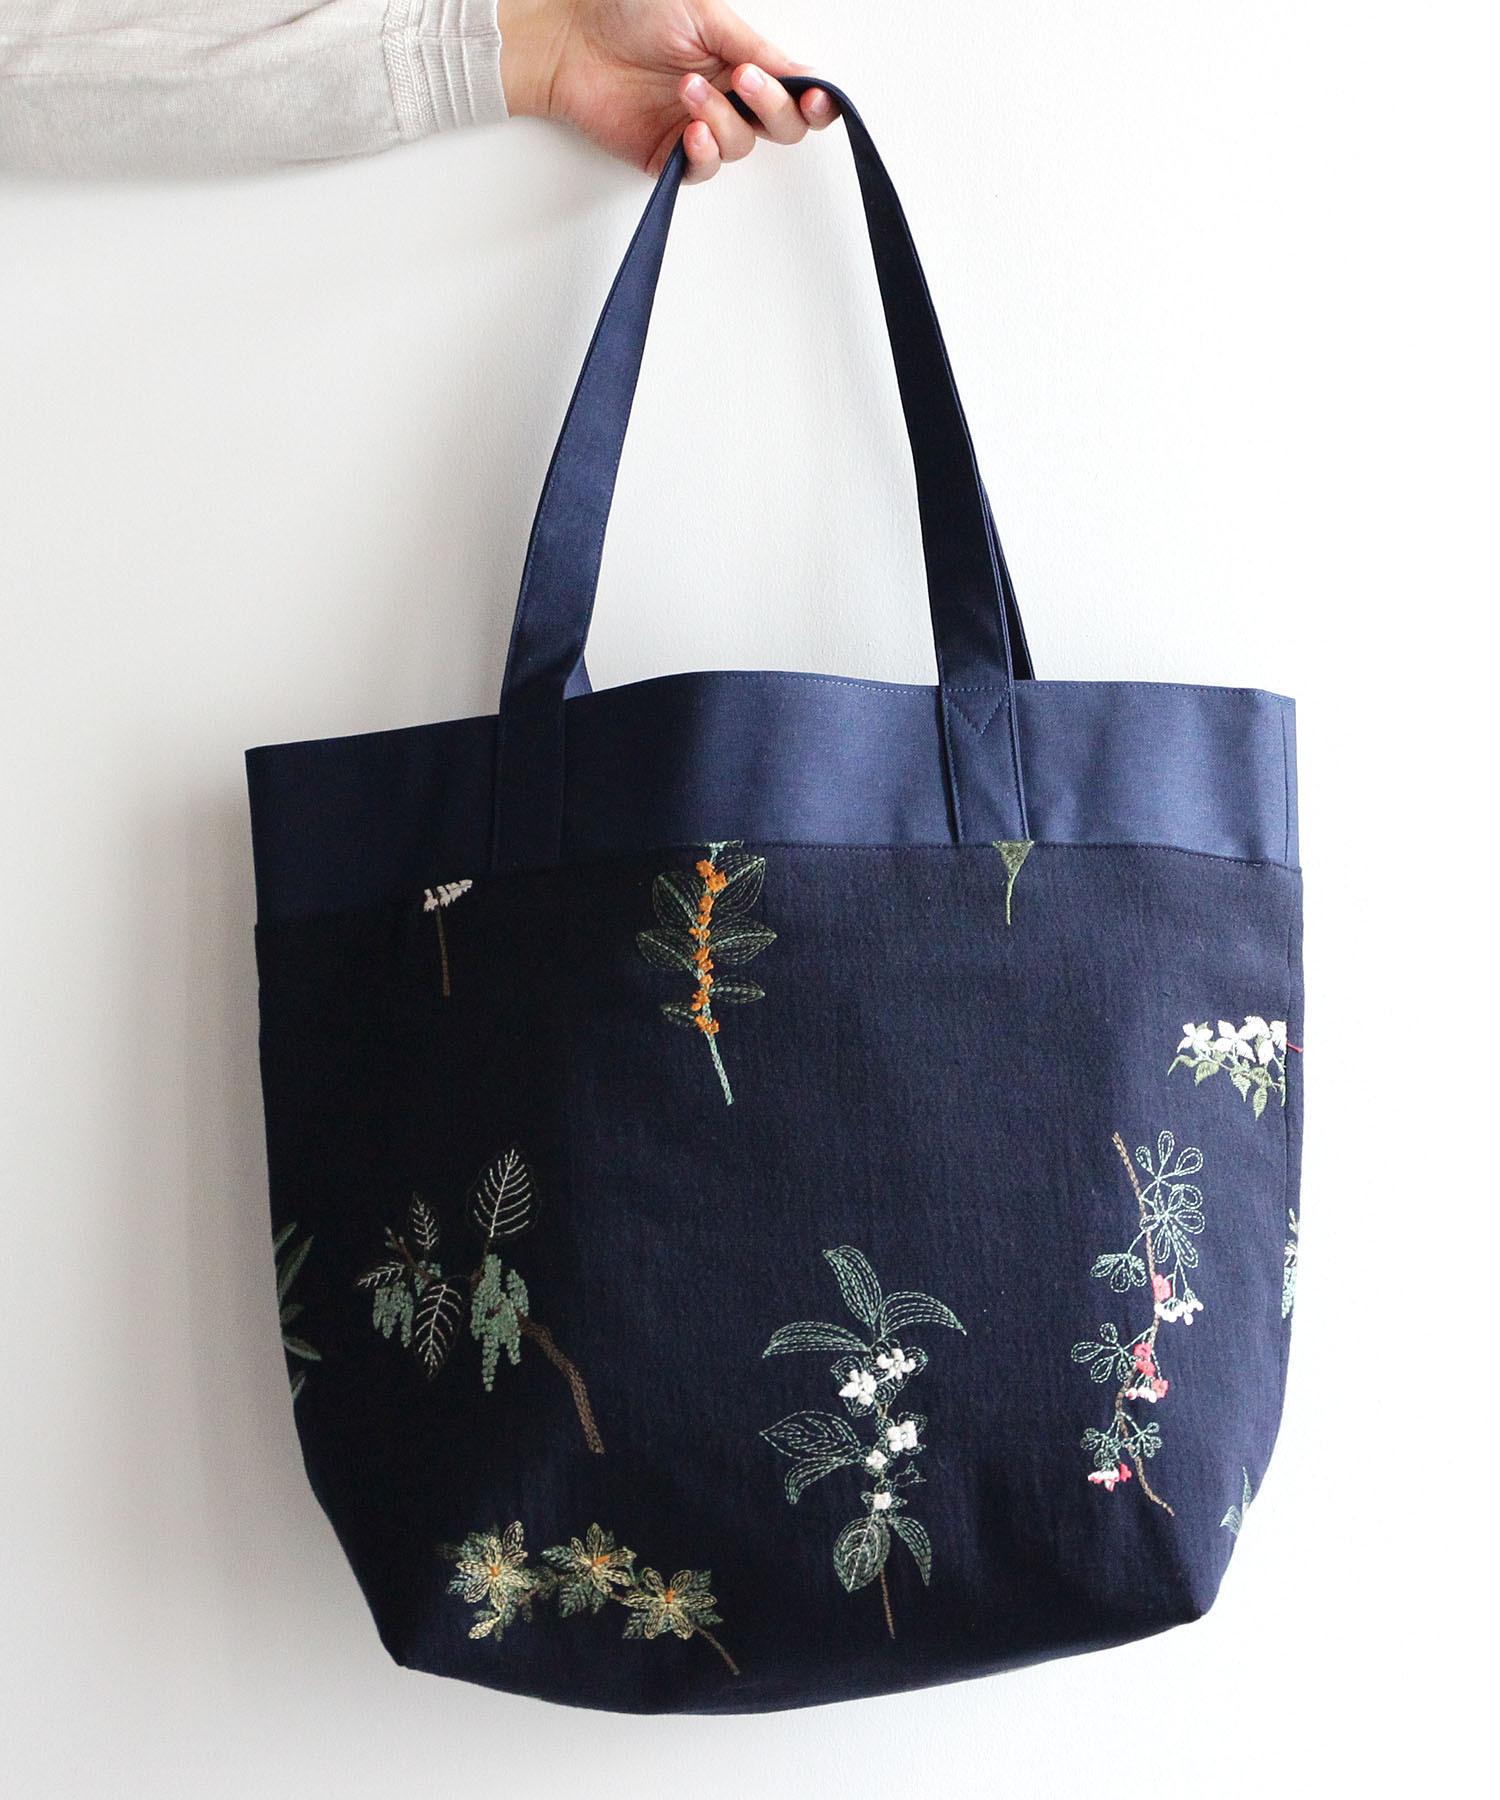 果実花刺繍のトートバック ネイビー